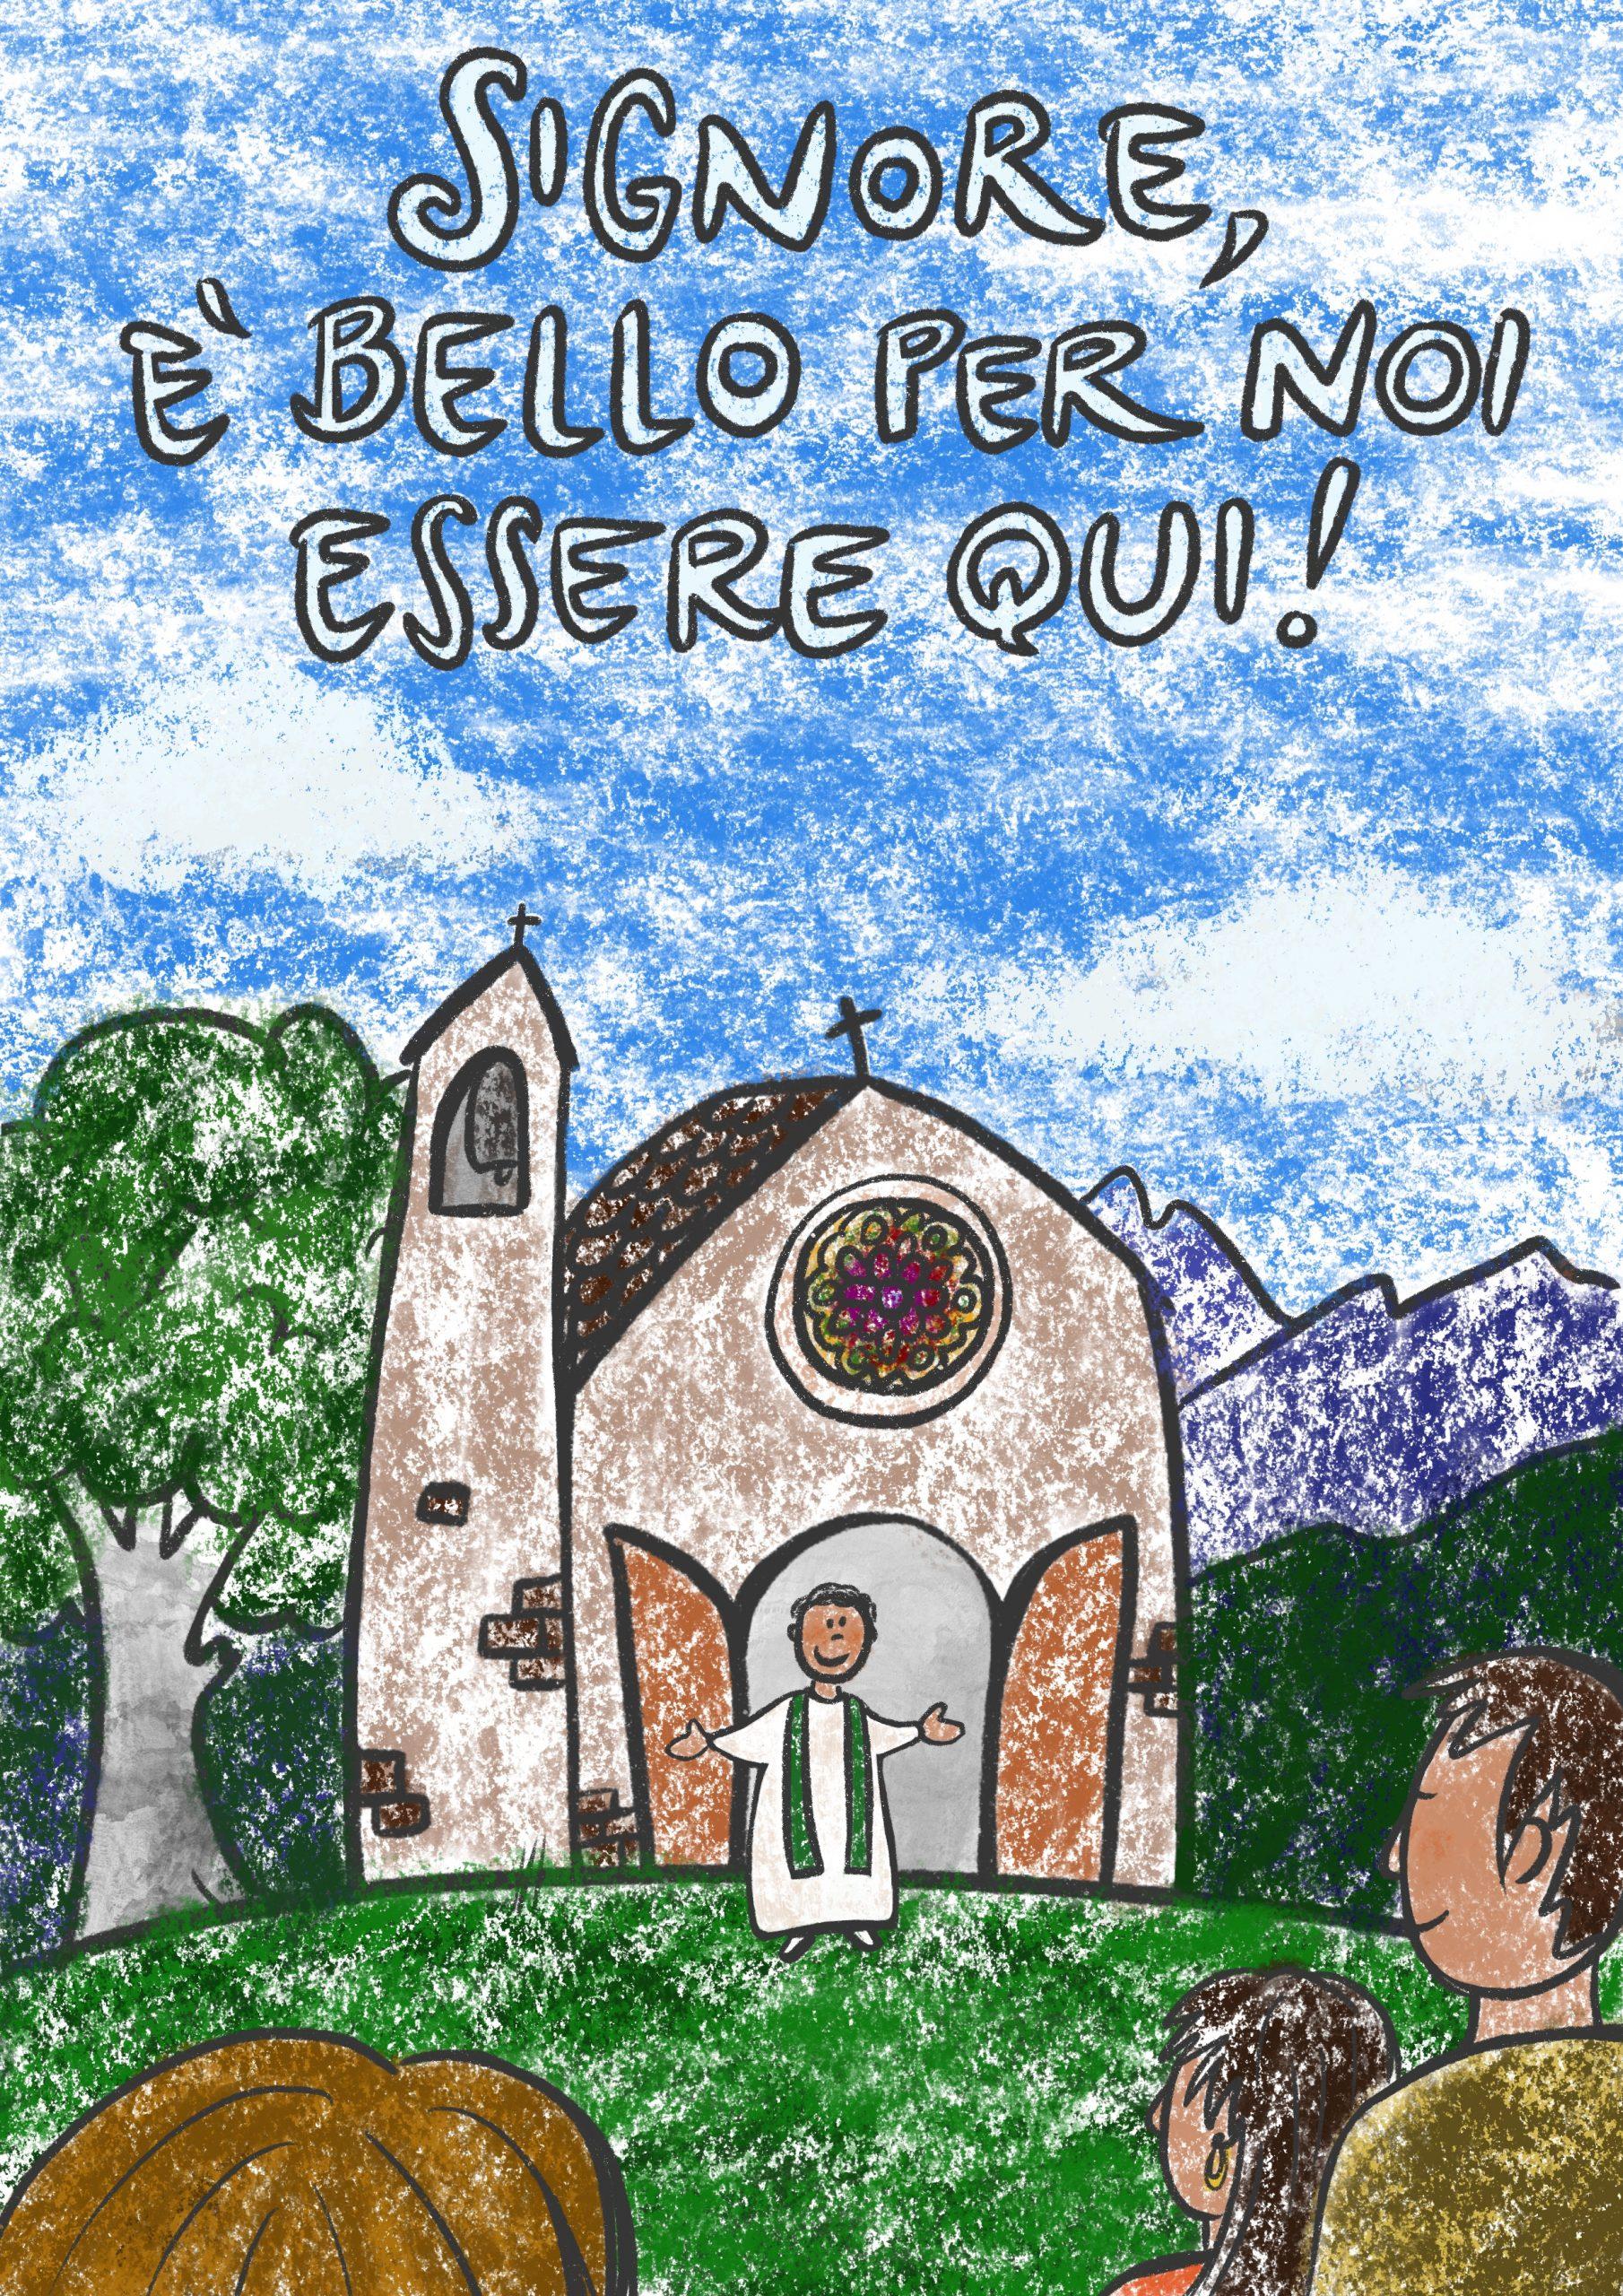 Sul monte con Gesù